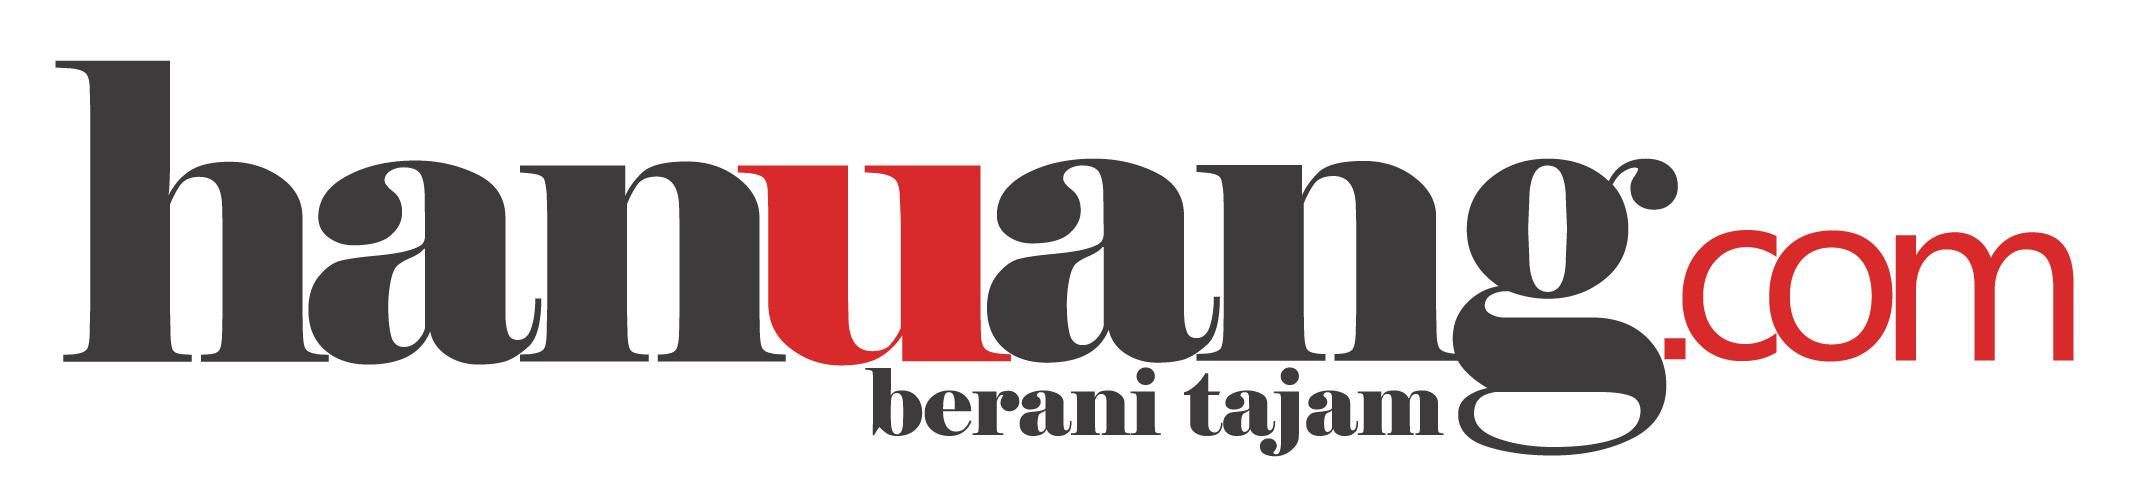 Hanuang.com